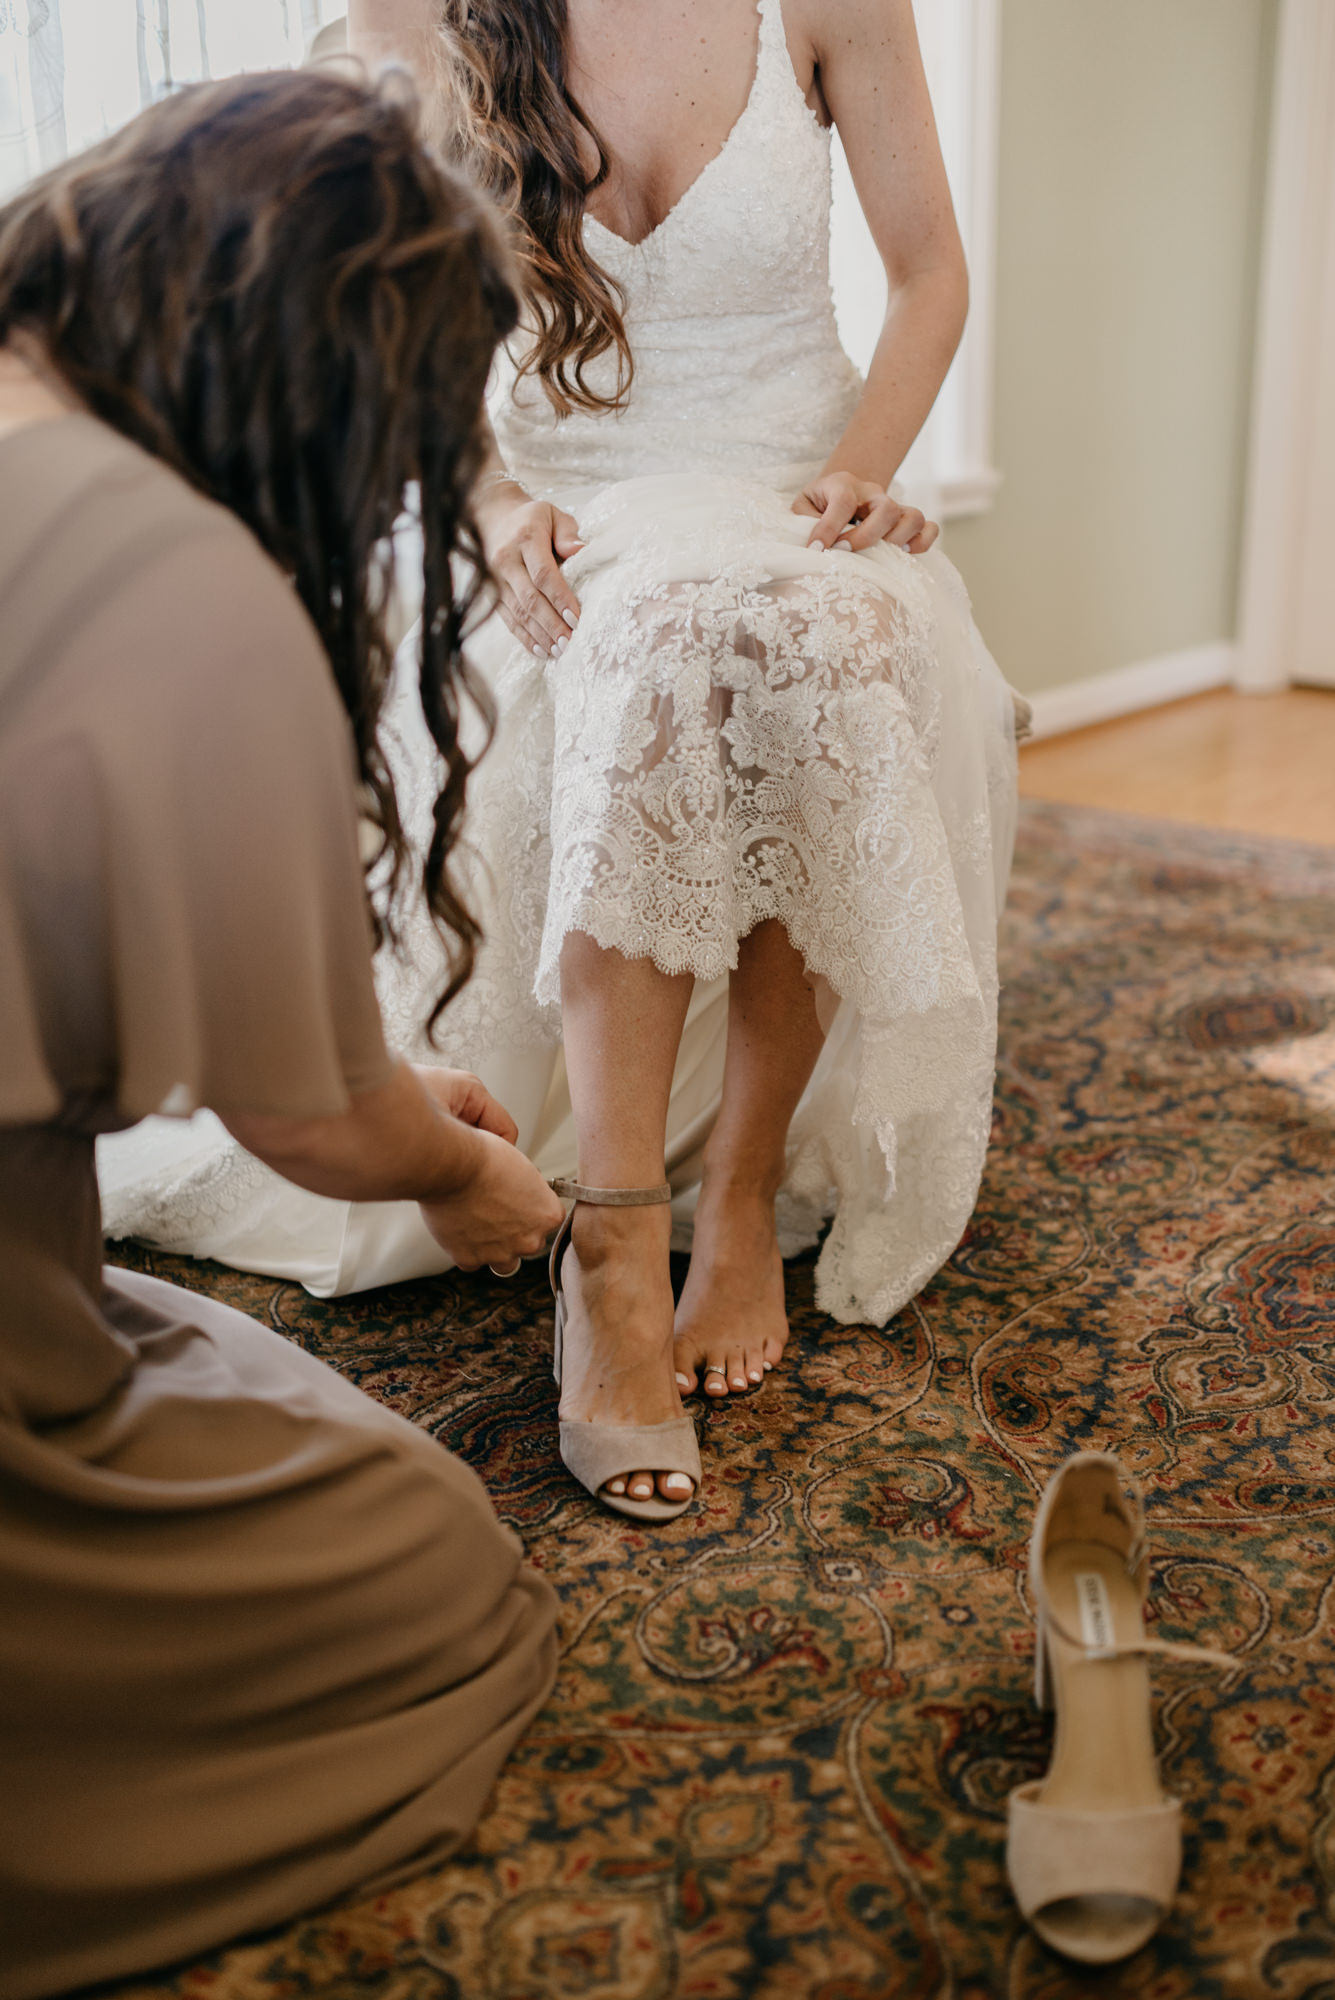 27-Getting-Ready-barn-kestrel-wedding-photos-grey-suit.jpg